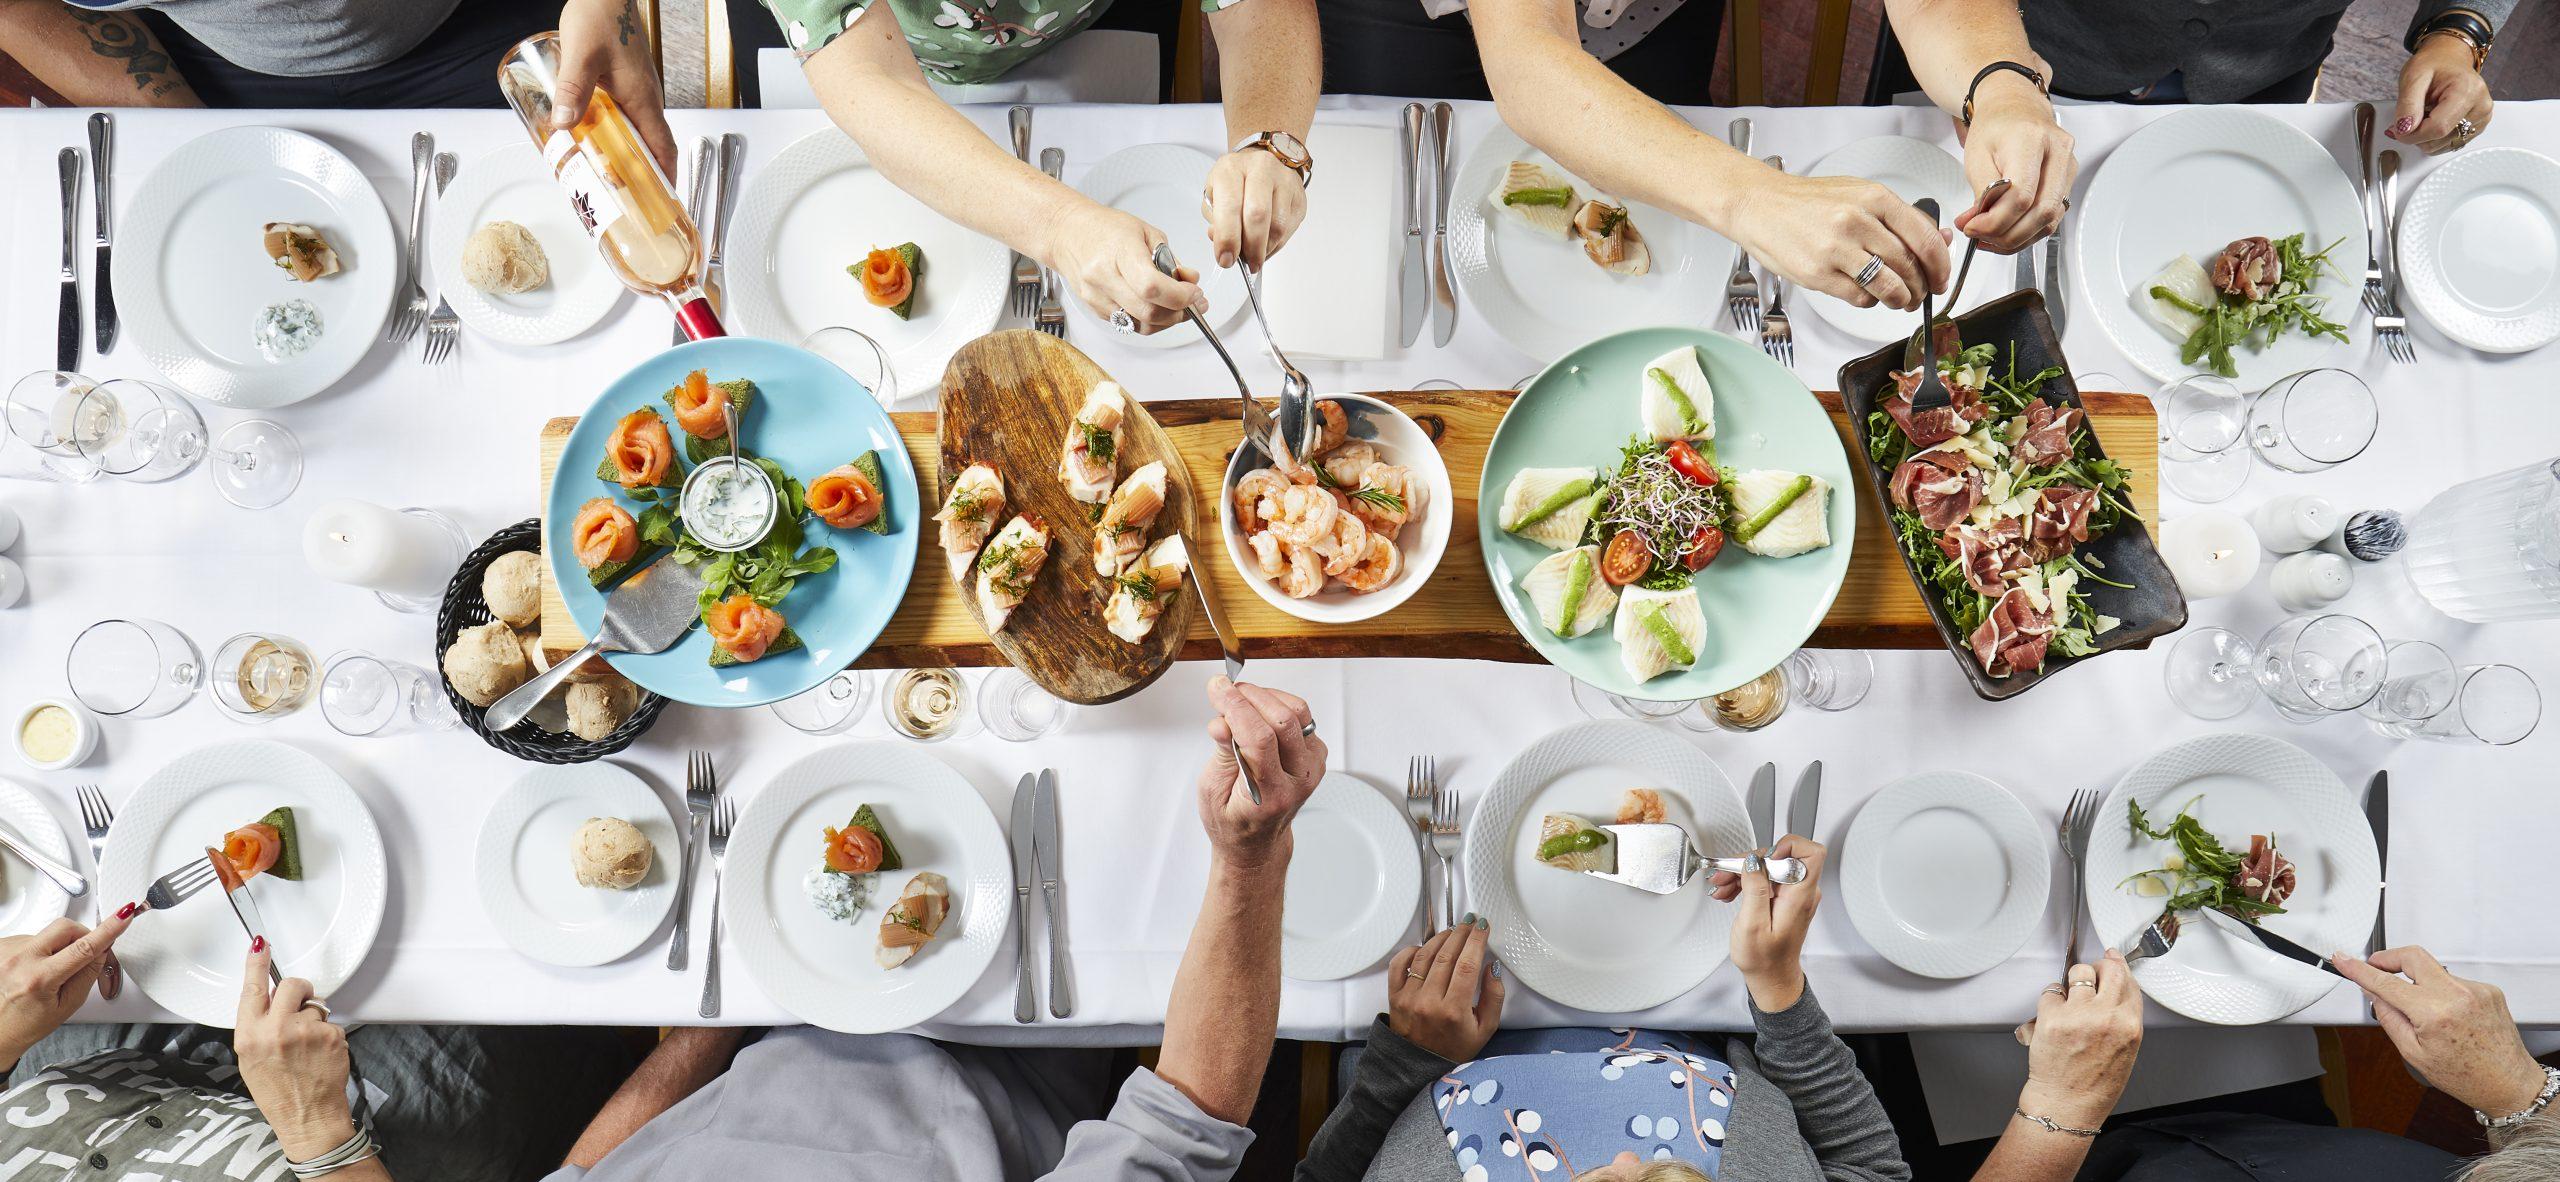 Et idénetværk i den danske hotel- og restaurationsbranchen tilbyder vidensdeling, hvor deltagere kan lade sig inspirere af andre aktørers gode ideer og erfaring. Arkivpressefoto fra Vingsted Hotel og Konferencecenter.